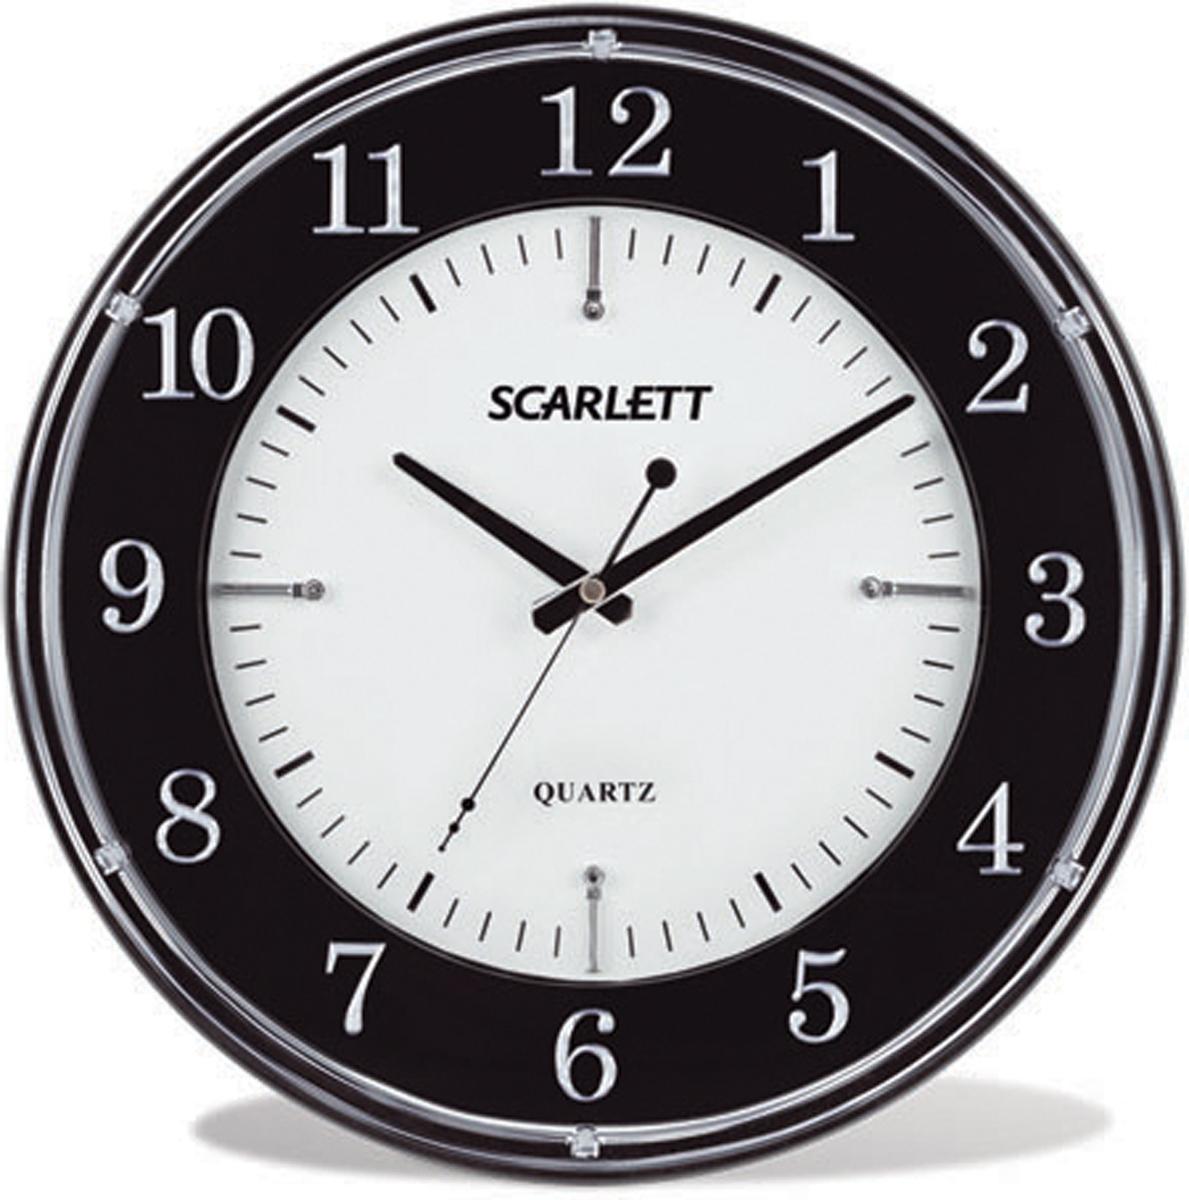 Scarlett SC-55DC часы настенныеSC-55DCЭлемент питания: тип АА 1.5V Период работы от одного элемента: 12 месяцев Относительная влажность помещения от 30% до 80% Температура: от 1°С до 45°С Плавный ход секундной стрелки